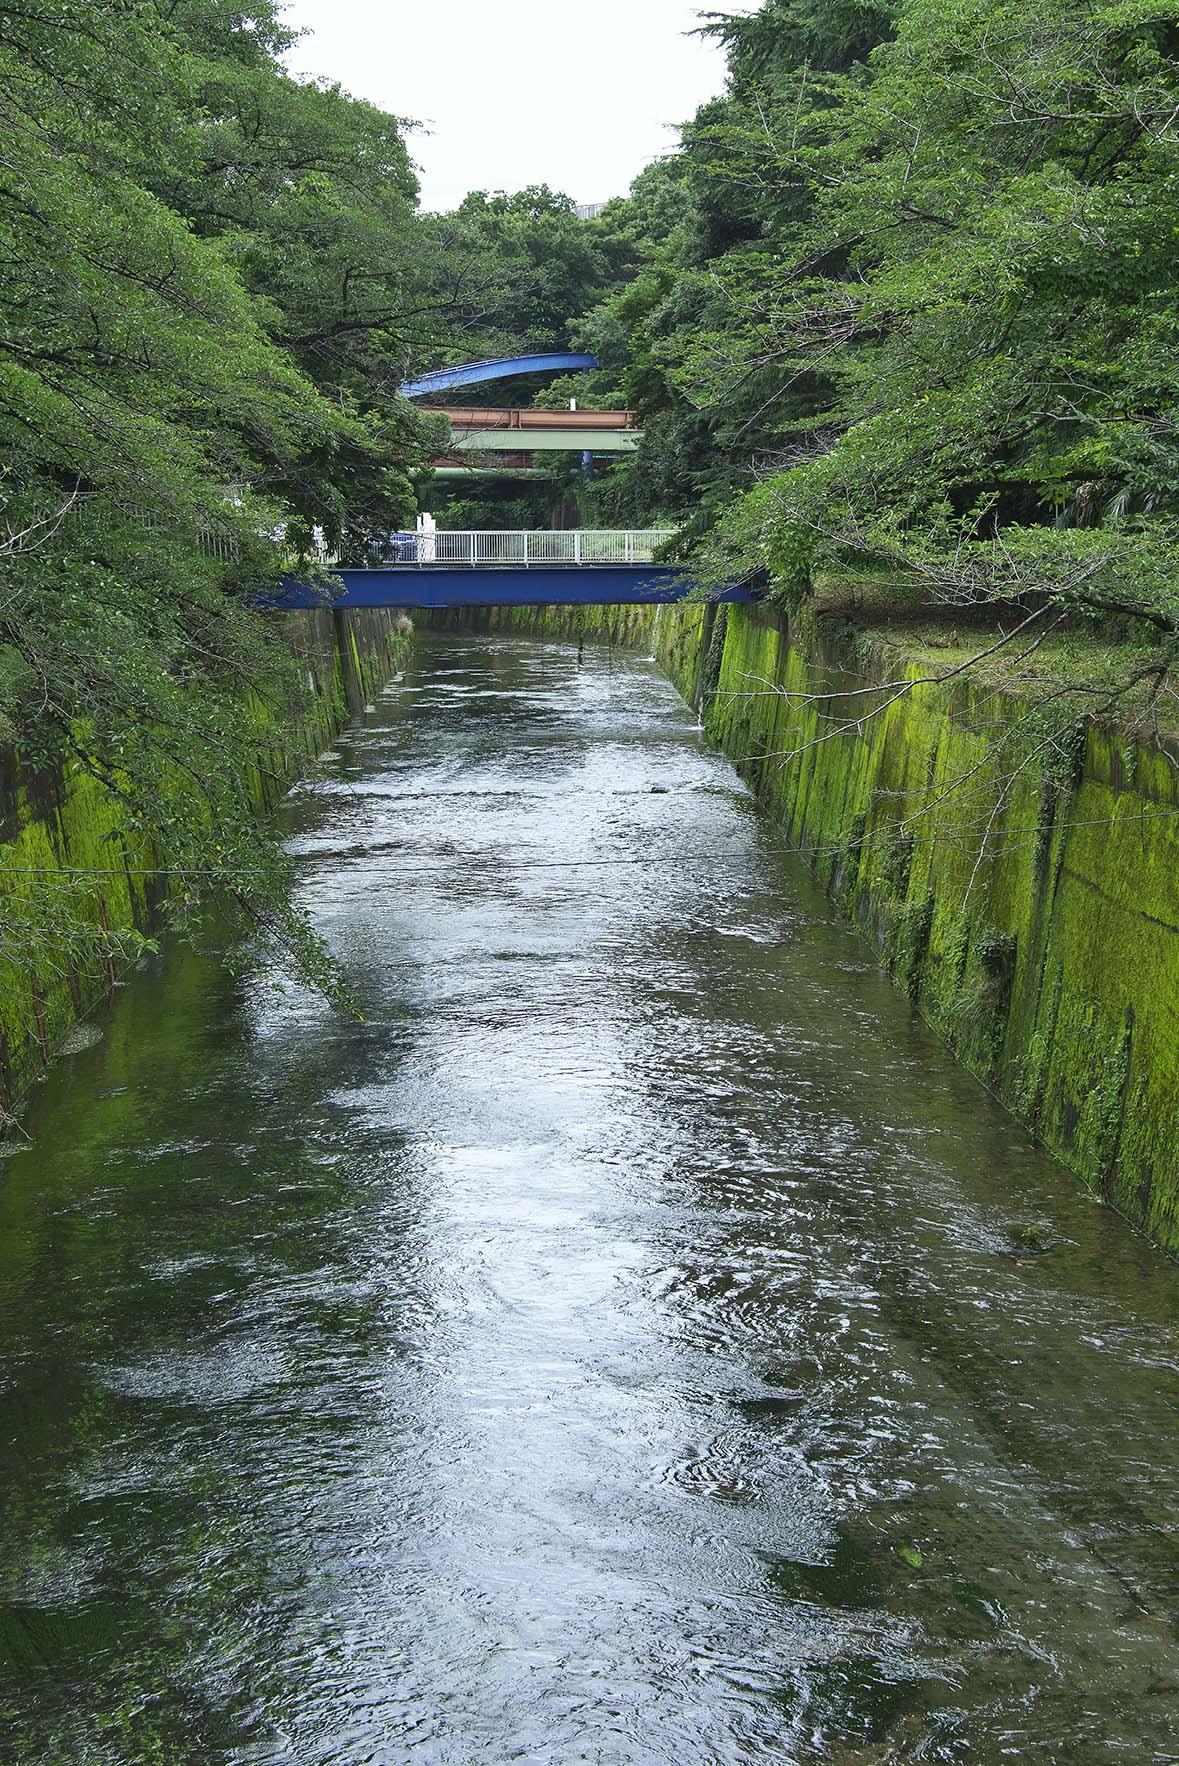 右手がプールと練馬城跡の丘。現在はハイドロポリスだが以前はピクニック広場だった。創業当時は池やプールは石神井川の水を利用していた。